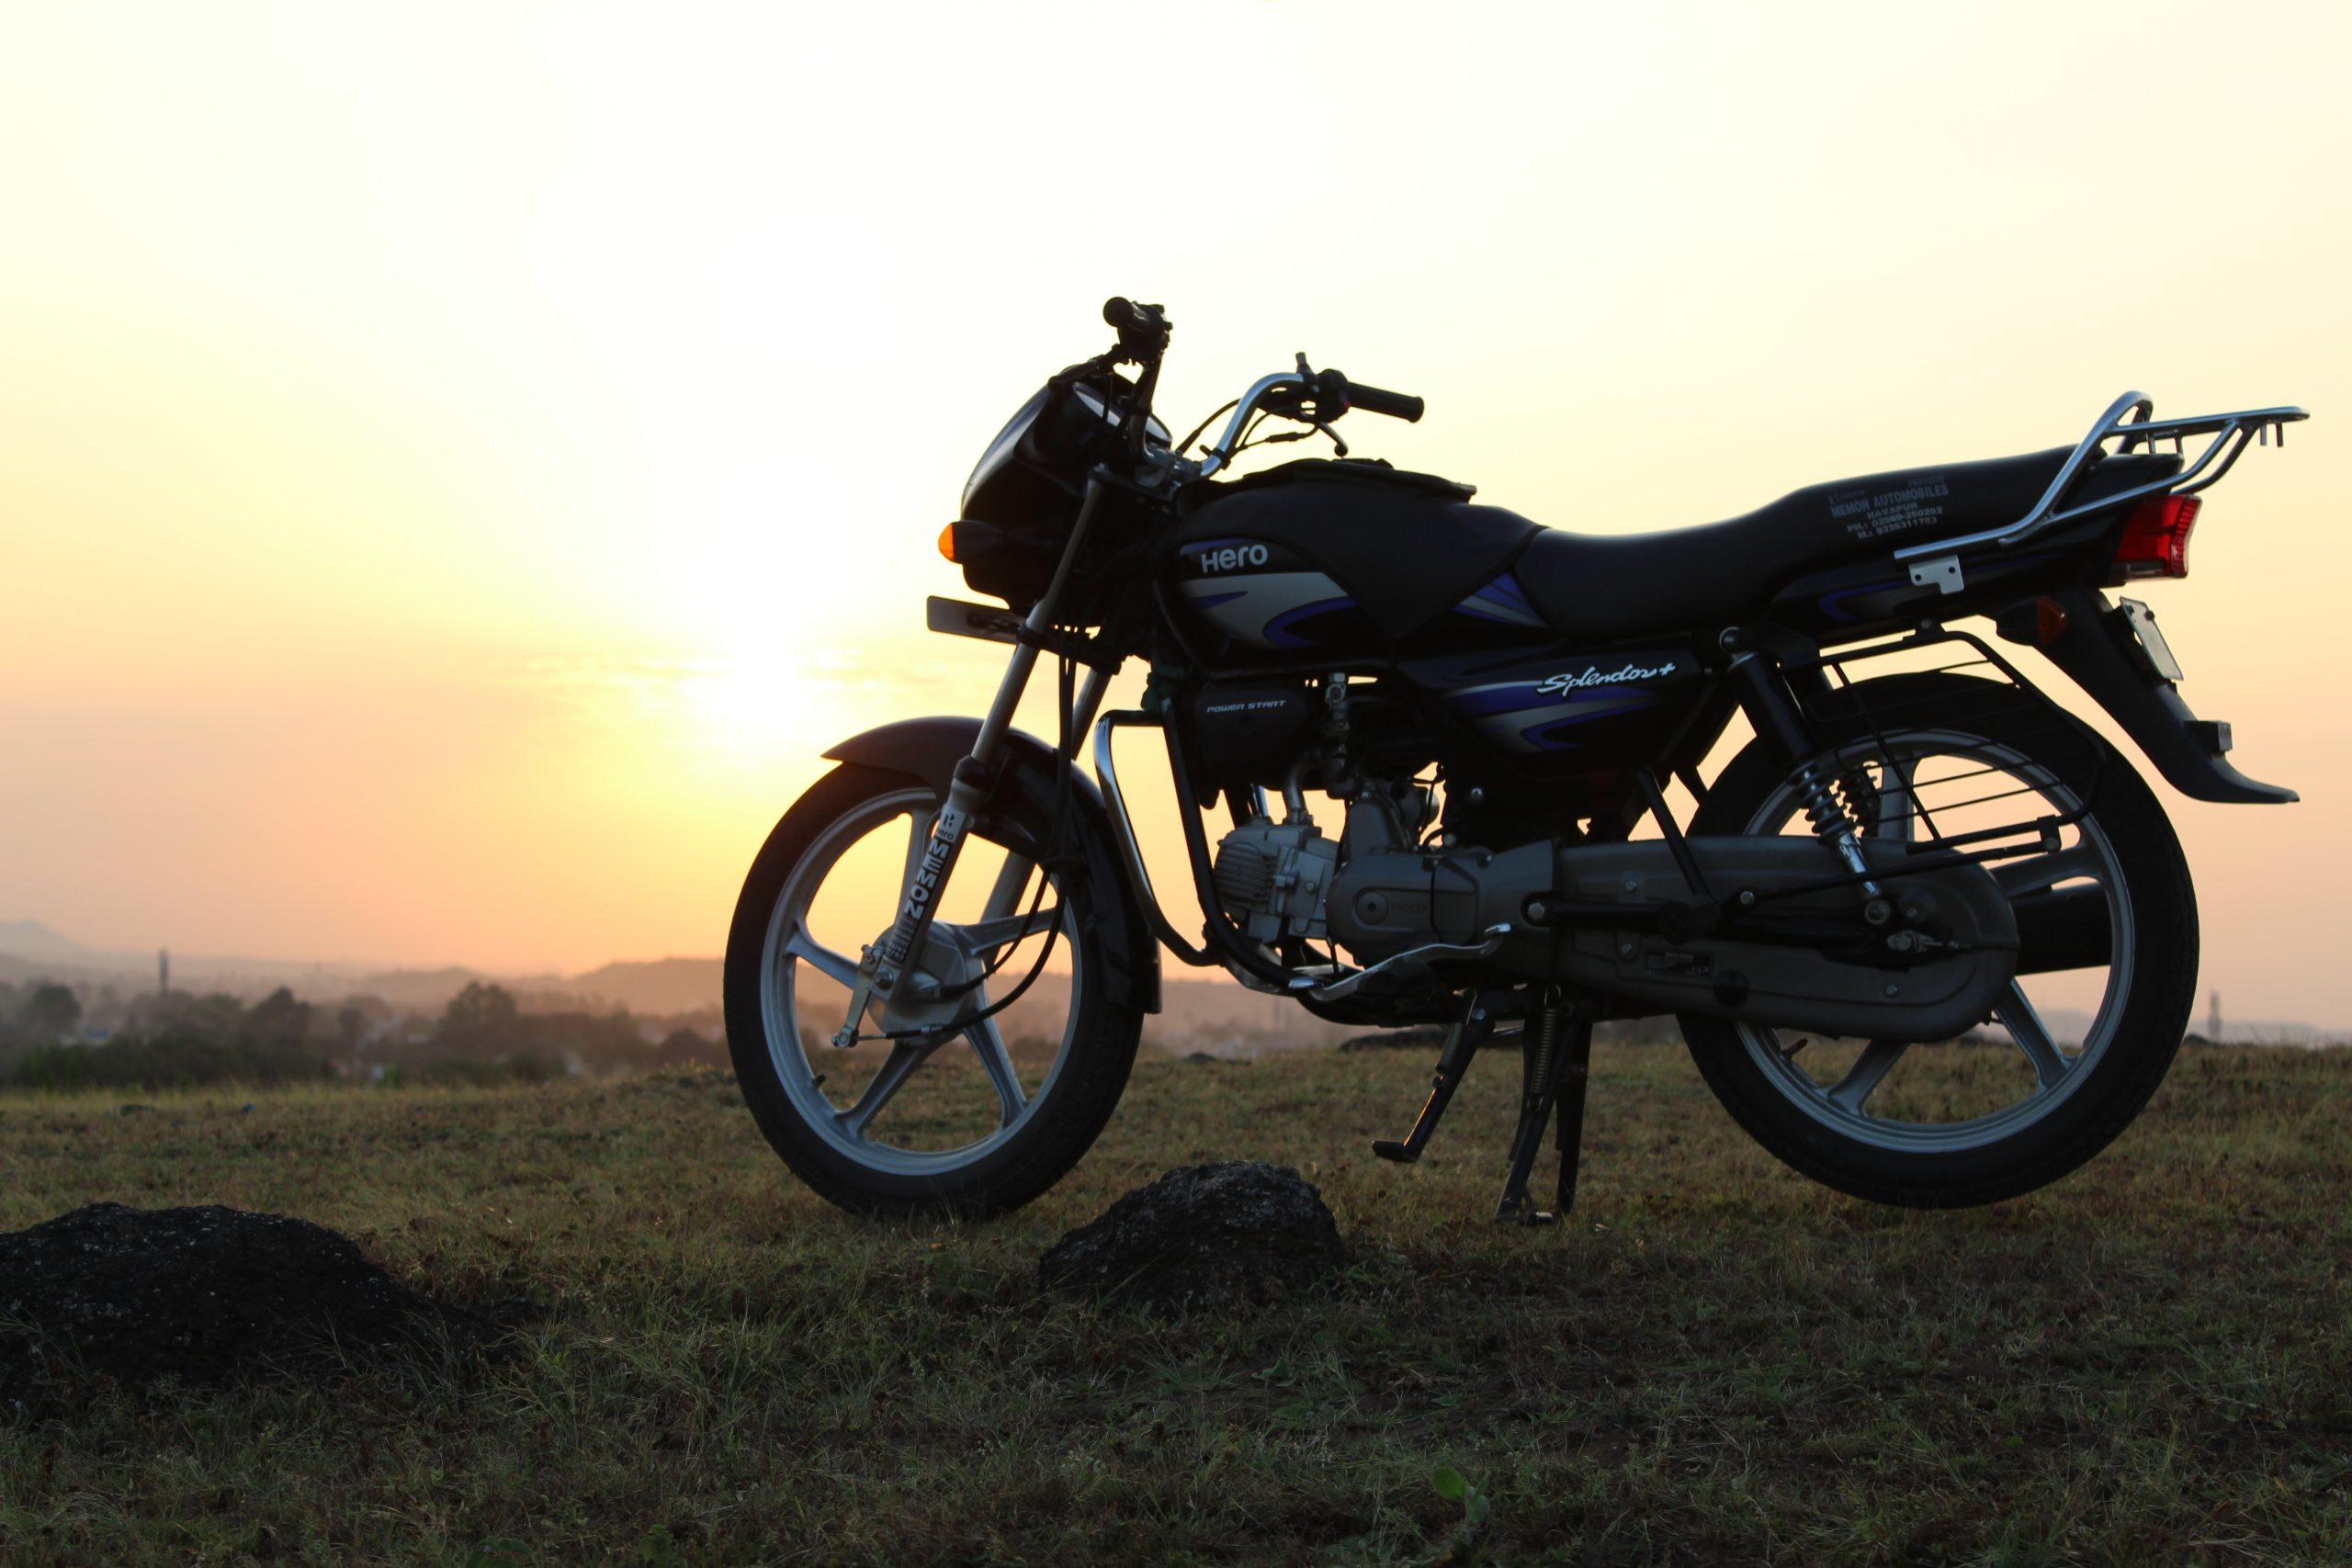 A hero splendor bike